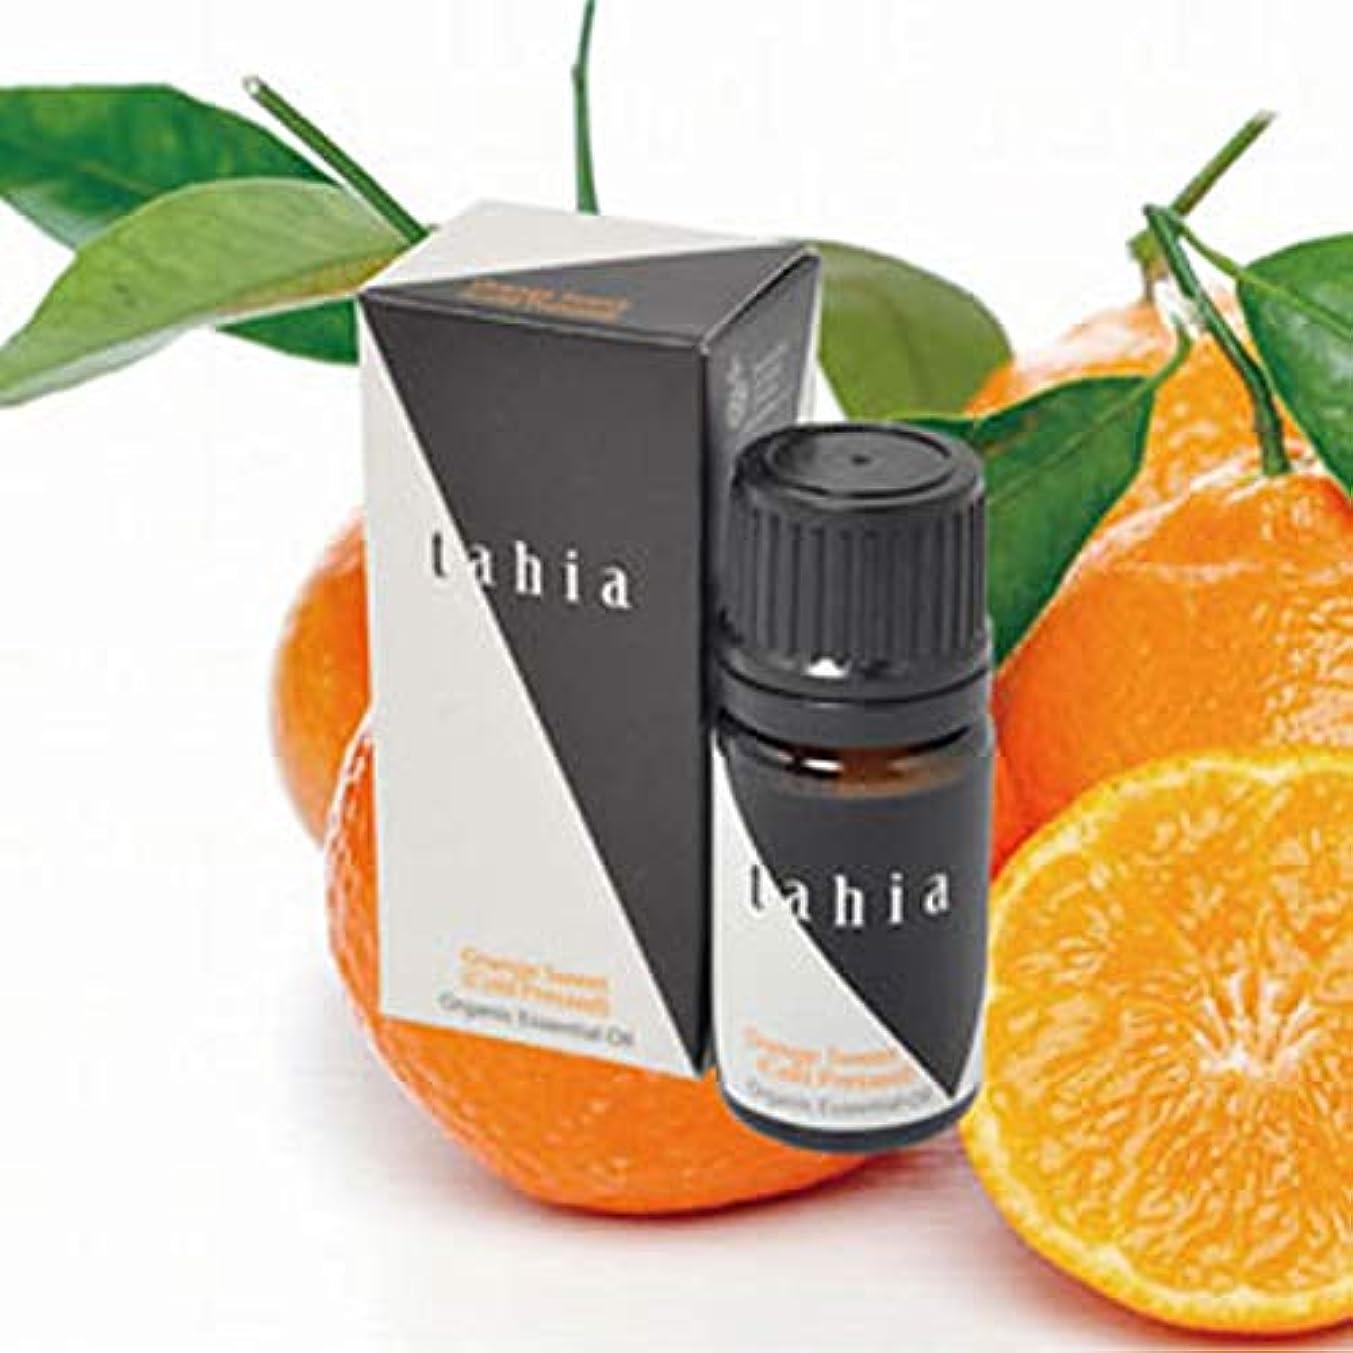 賃金プロフィール連邦タツフト タヒア tahia オレンジ スイート エッセンシャルオイル オーガニック 芳香 精油